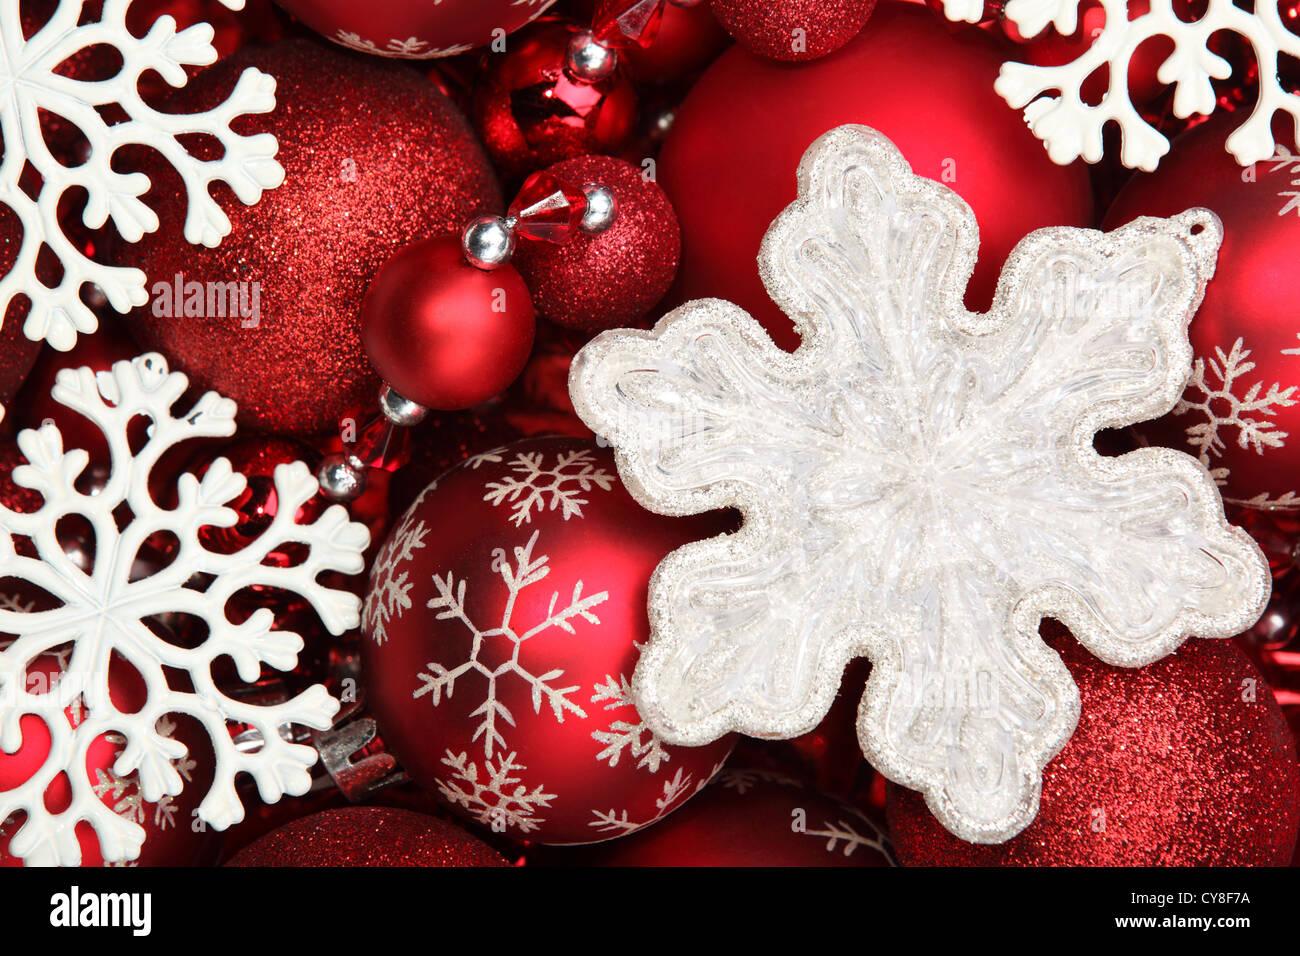 Snowflake and red Christmas balls Stock Photo